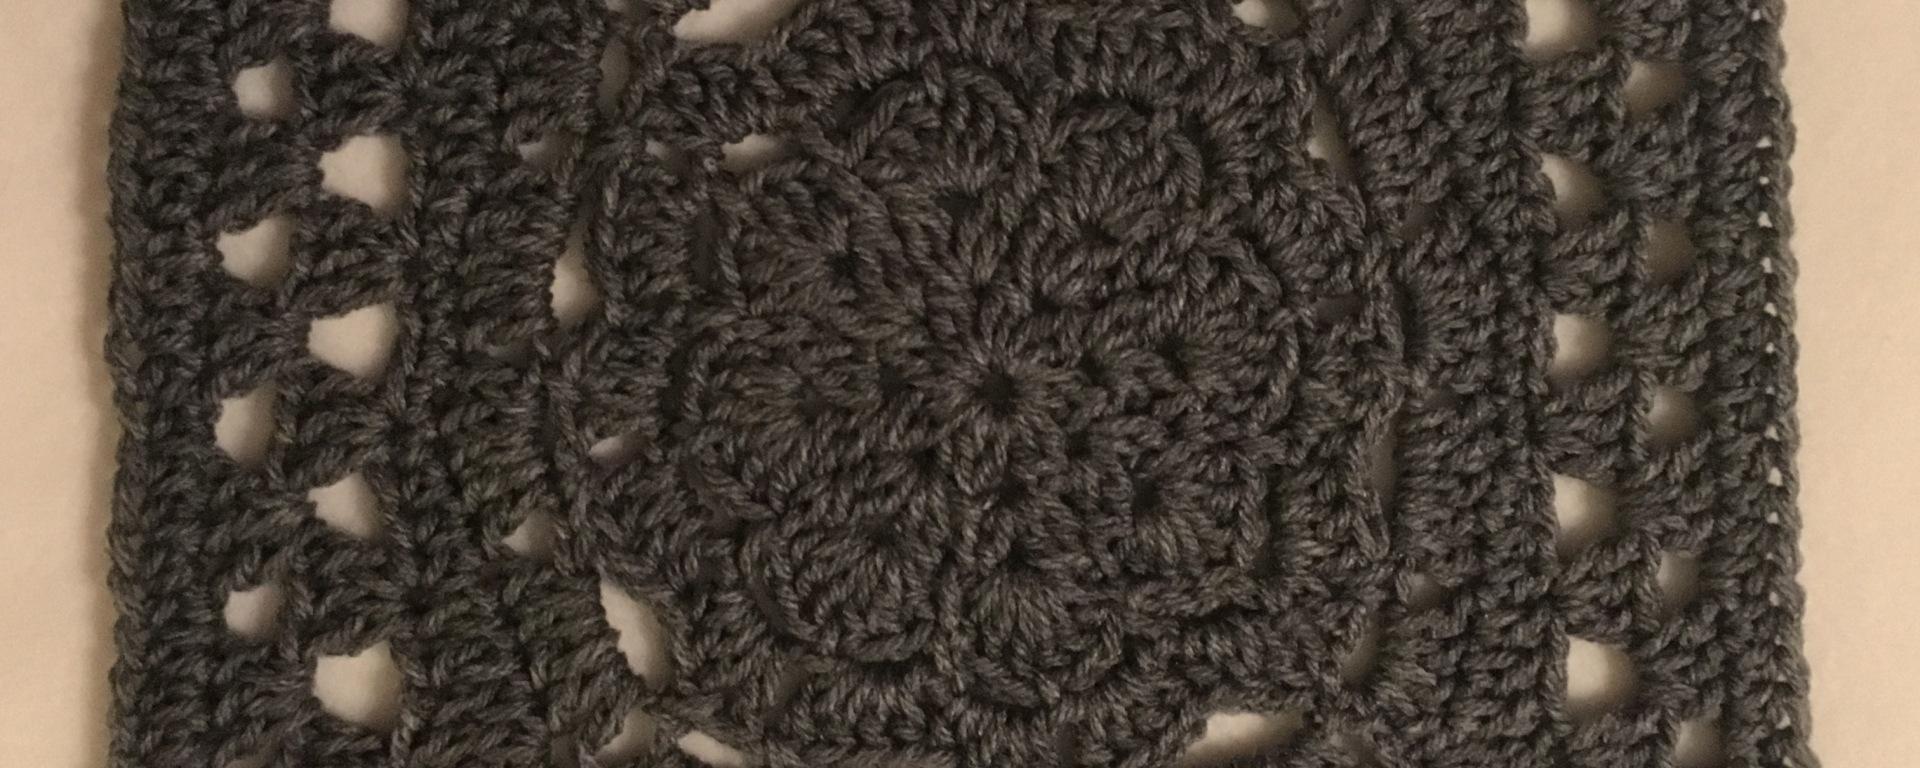 Flower Burst Crochet Square – Moogly 2018 CAL Square 1 – Blinking Cat